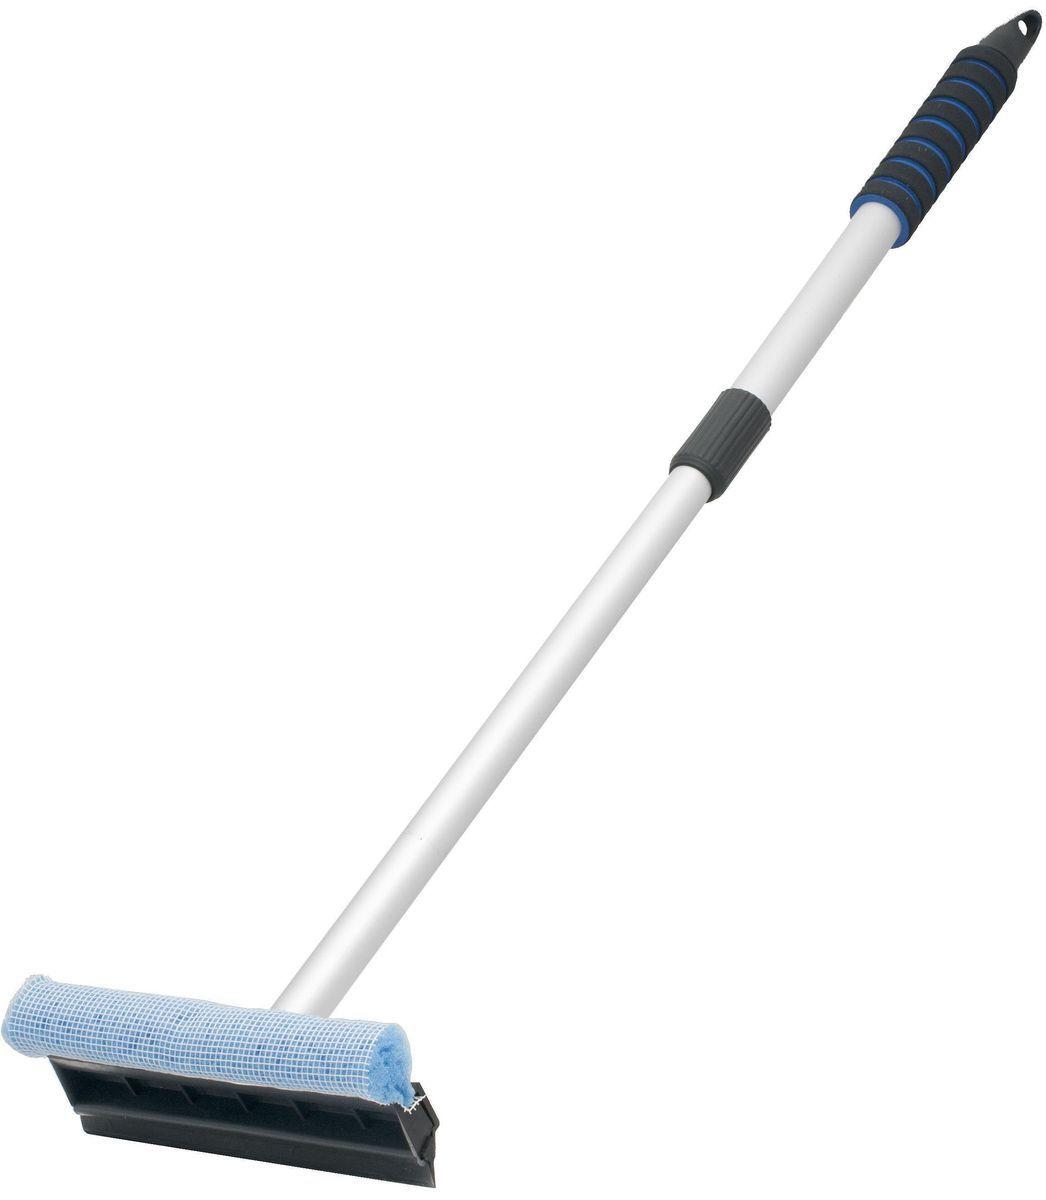 Водосгон Главдор, с телескопической ручкой, цвет: голубойGL-563Алюминиевый водосгон Главдор с удобным держателем из пенополиэтилена, снабжен резиновым скребком и поролоновой губкой для эффективной очистки загрязненных поверхностей.Длина телескопической ручки: 55 - 85см.